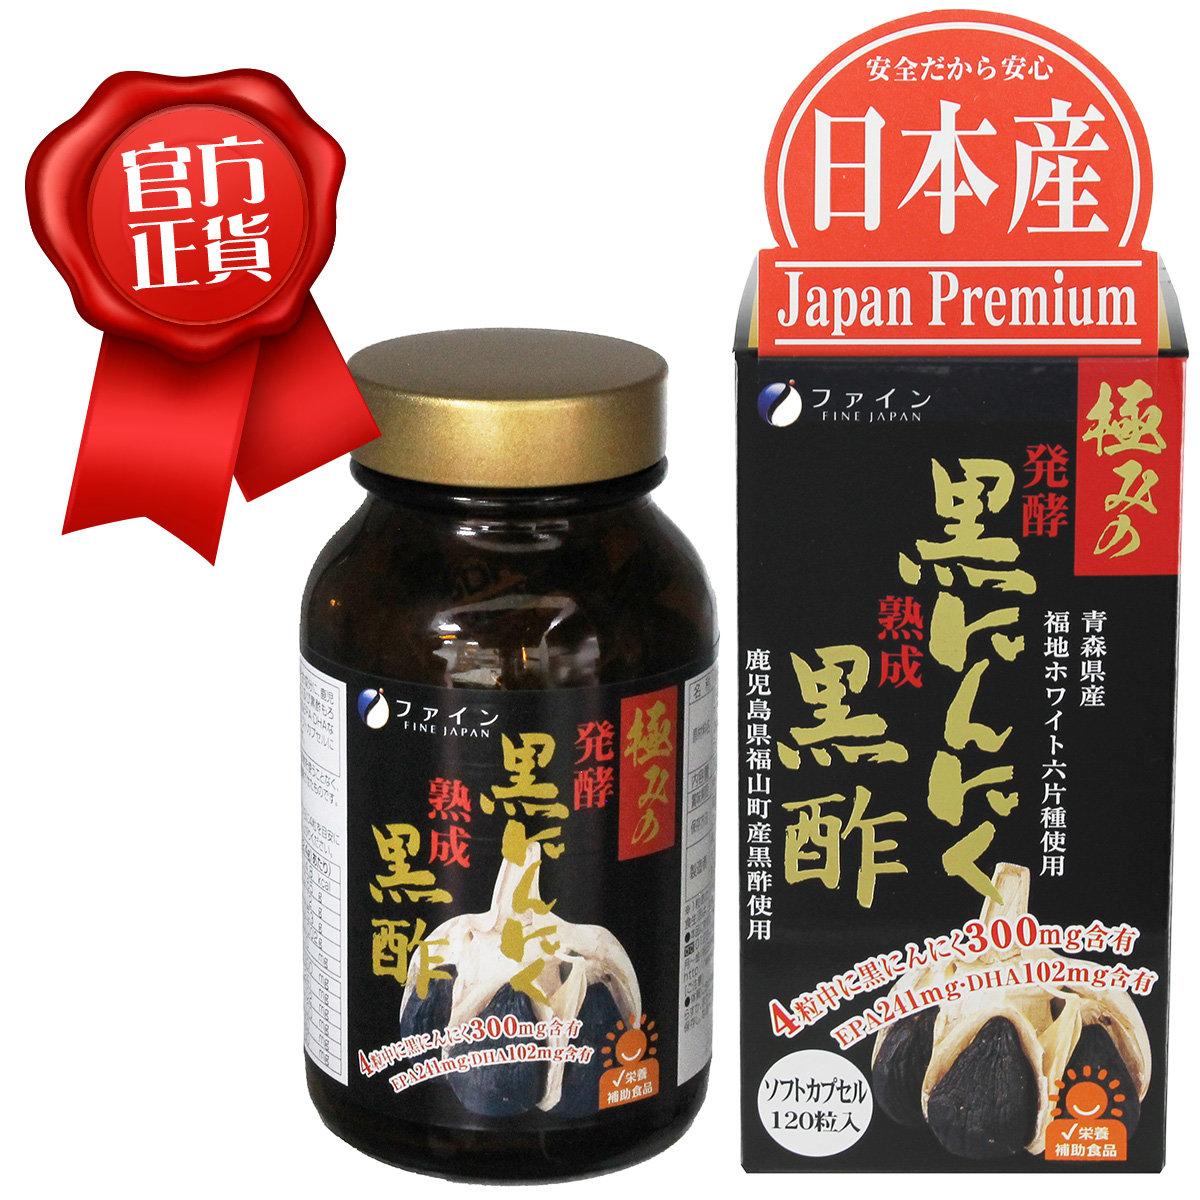 優之源®日本黑蒜+黑酢(升級版)72克 (600毫克 x 120粒) (004696)